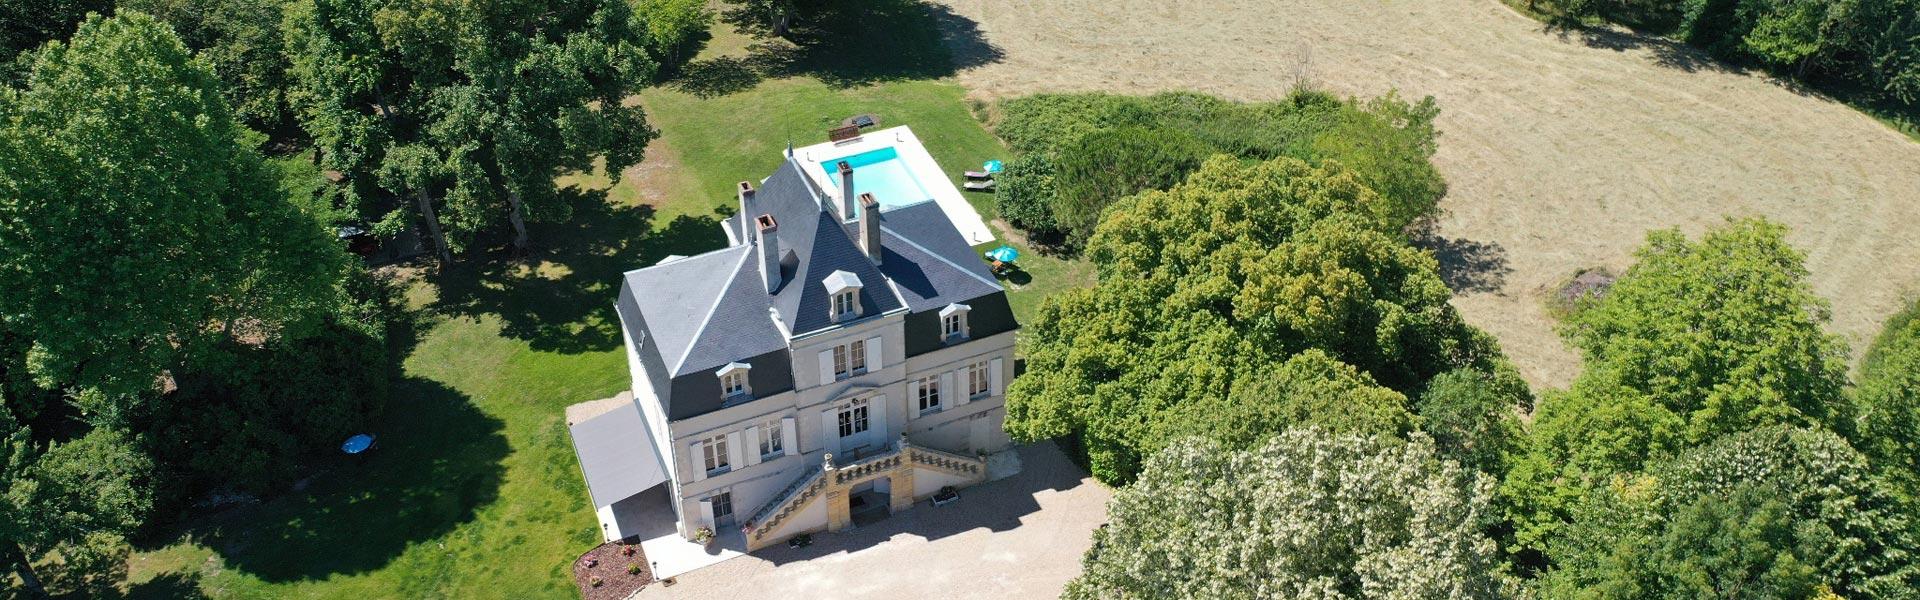 Château à vendre proche de Bergerac - avec piscine